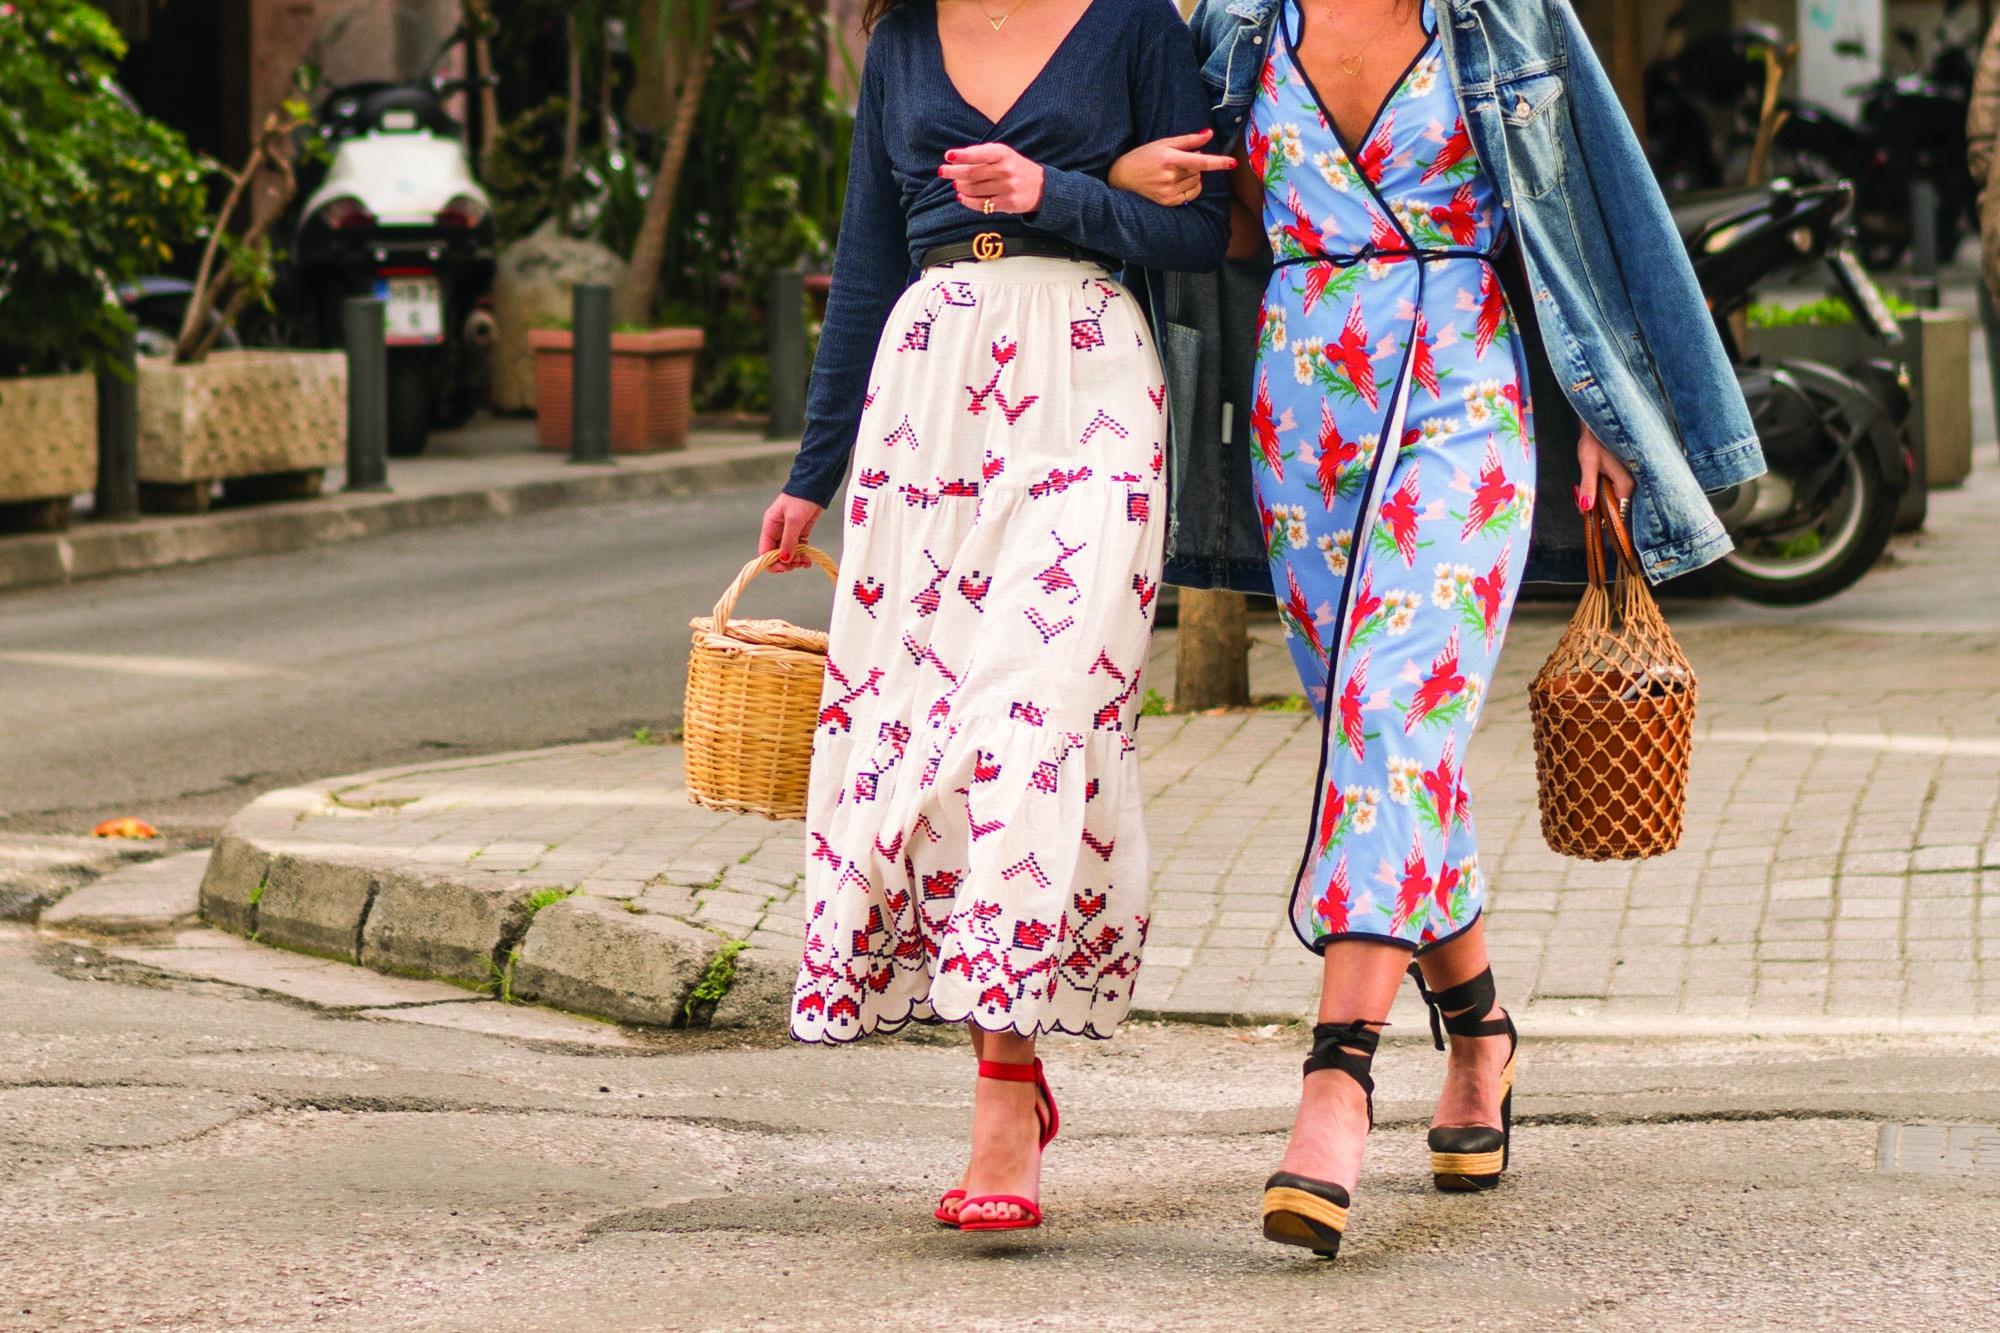 78cbe9cab56 Αν λατρεύεις να ταξιδεύεις ή να κάνεις ατελείωτες βόλτες στην πόλη και  θέλεις να φοράς ρούχα που θα σε κάνουν να νιώθεις άνετα και παράλληλα  στυλάτα.